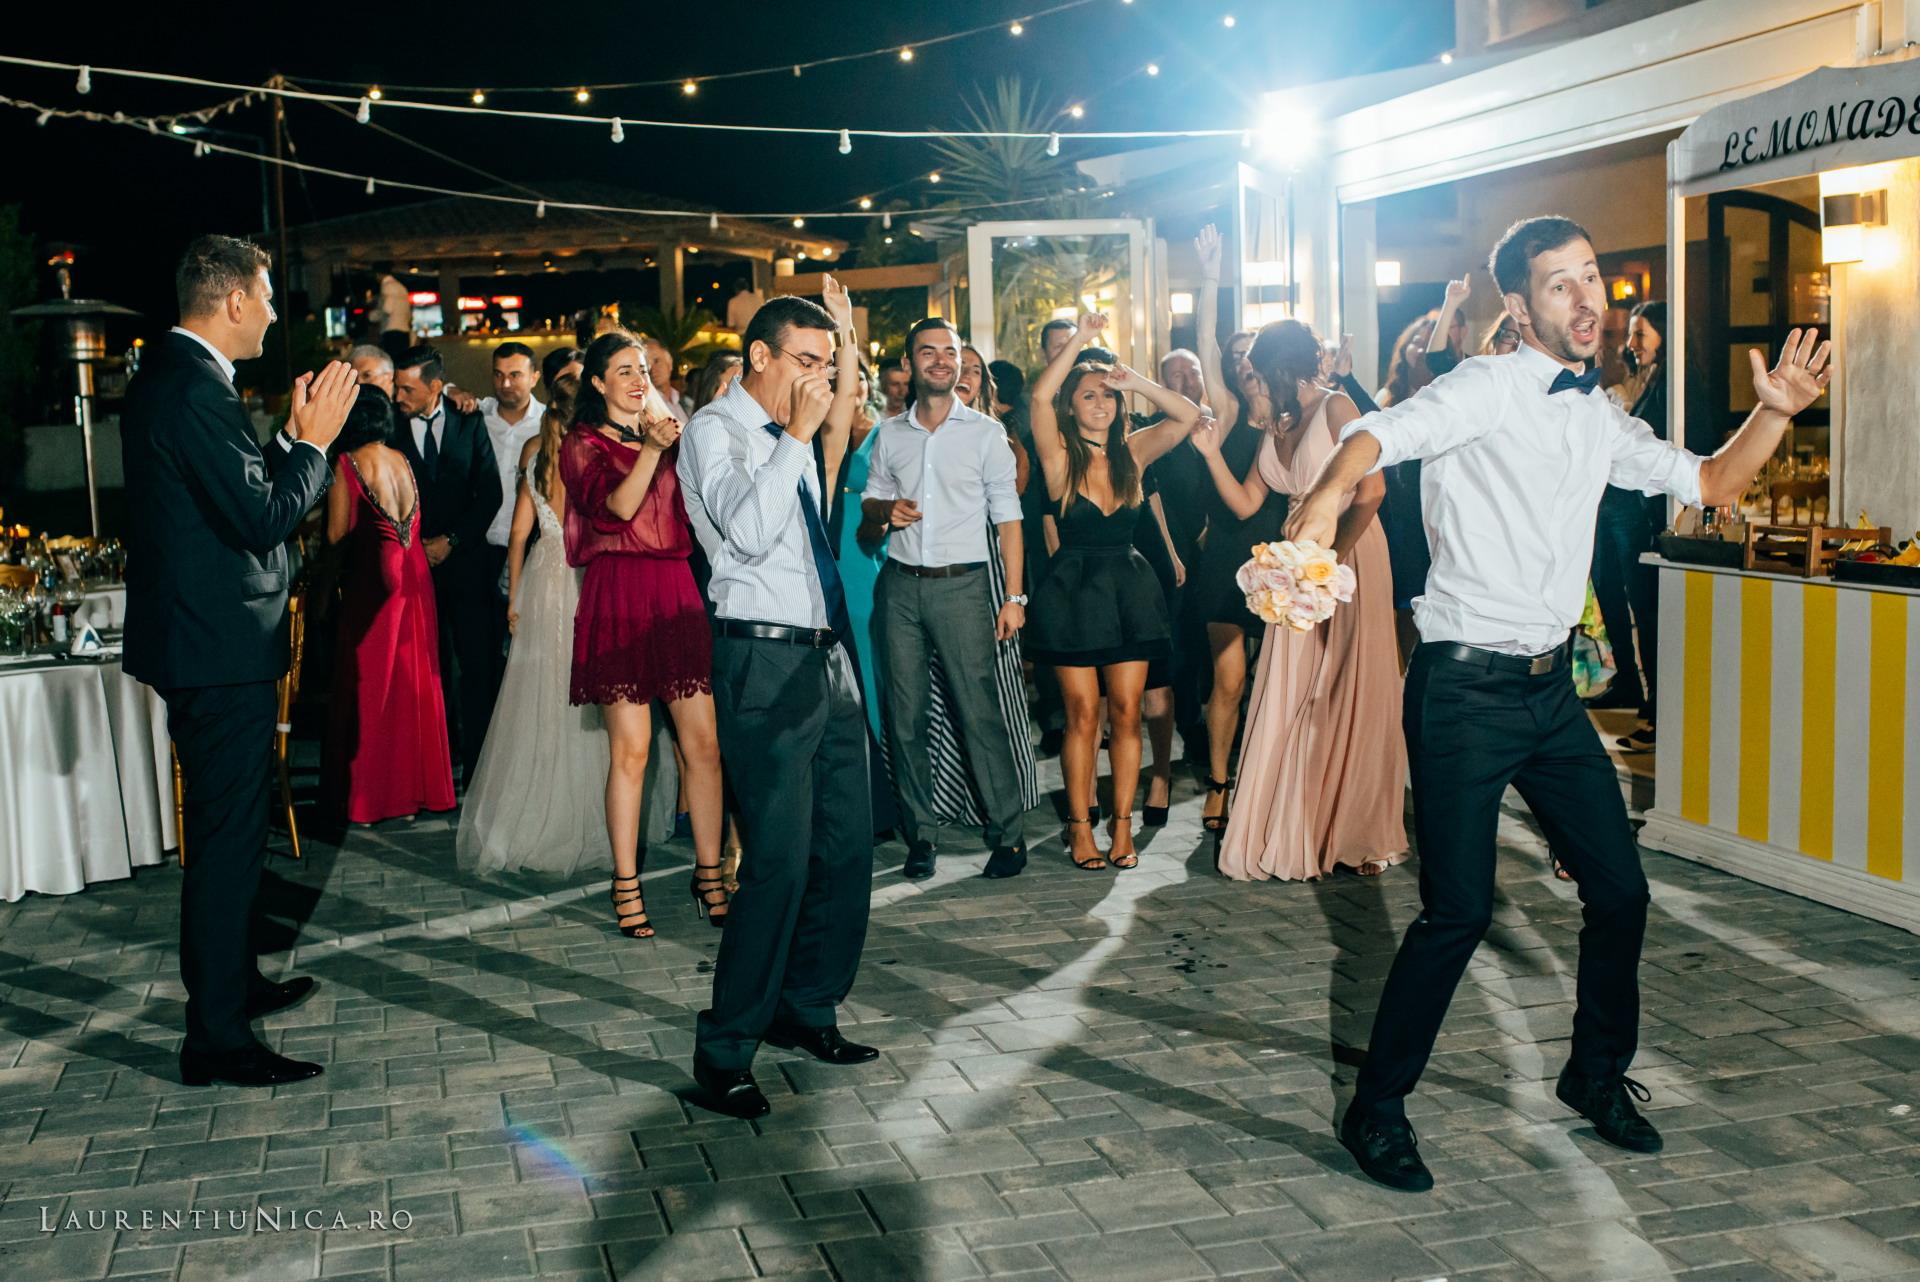 carolina si sorin craiova fotograf nunta laurentiu nica90 - Carolina & Sorin | Fotografii nunta